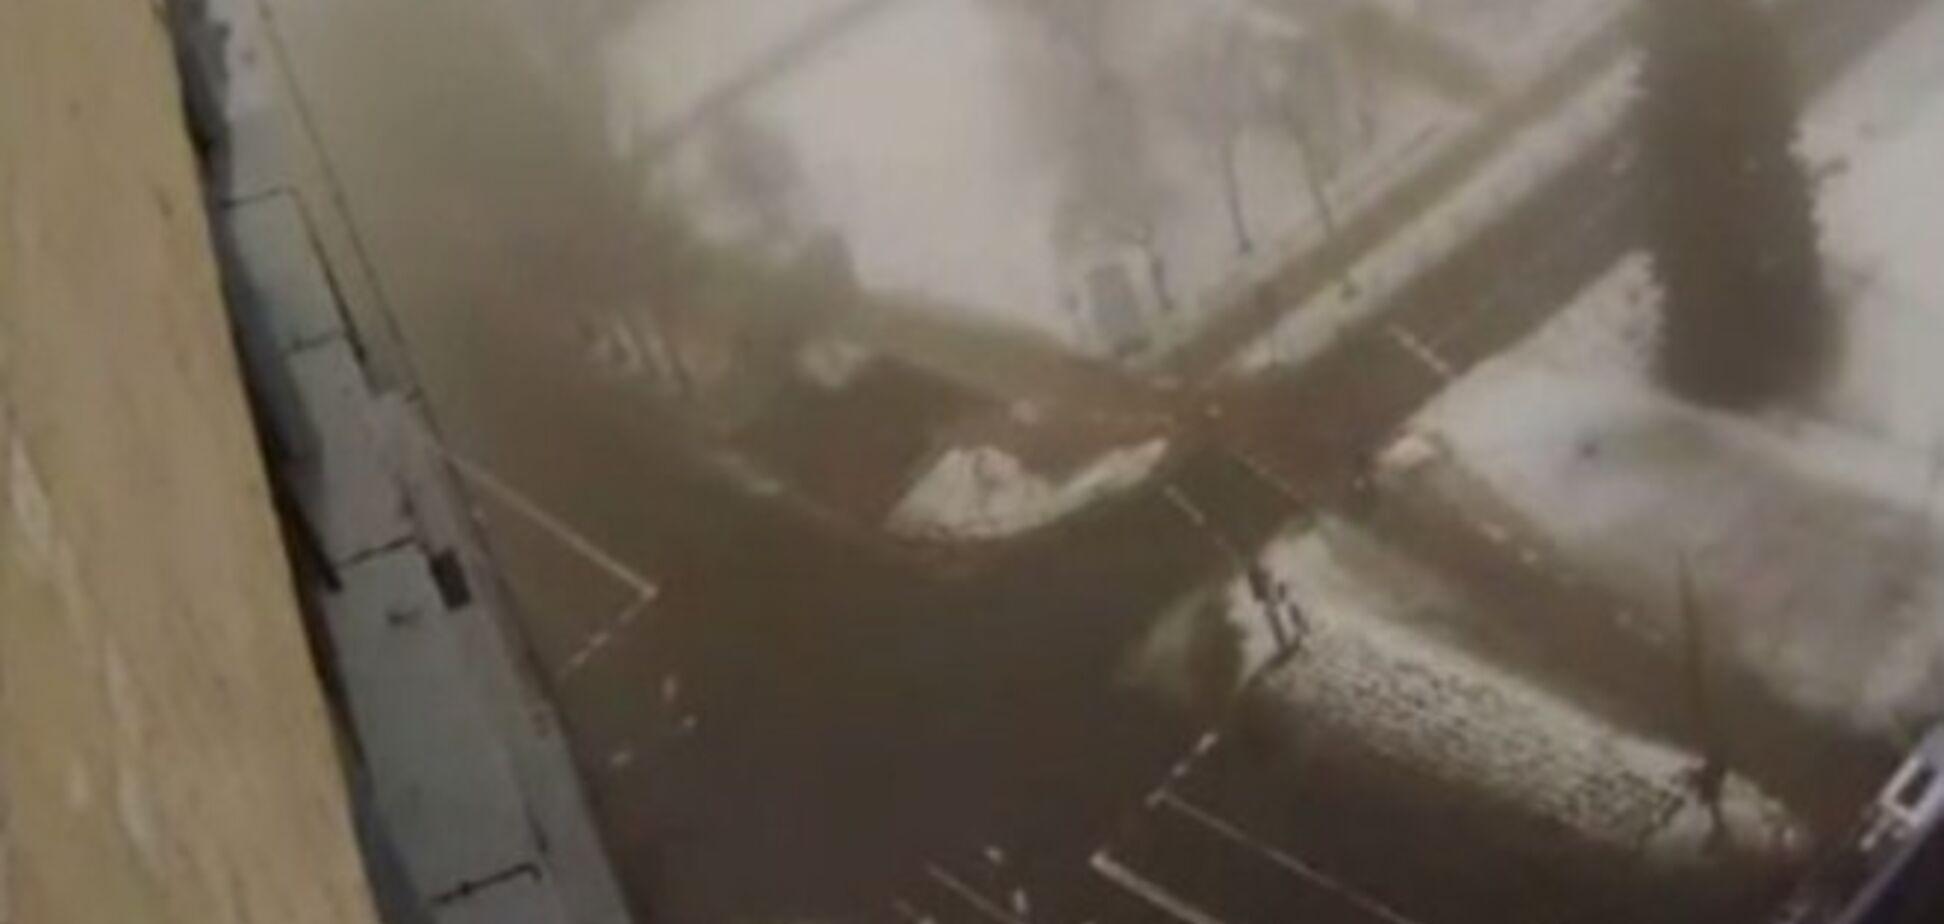 Украинские хакеры показали передвижение техники террористов в Донецке: секретное видео